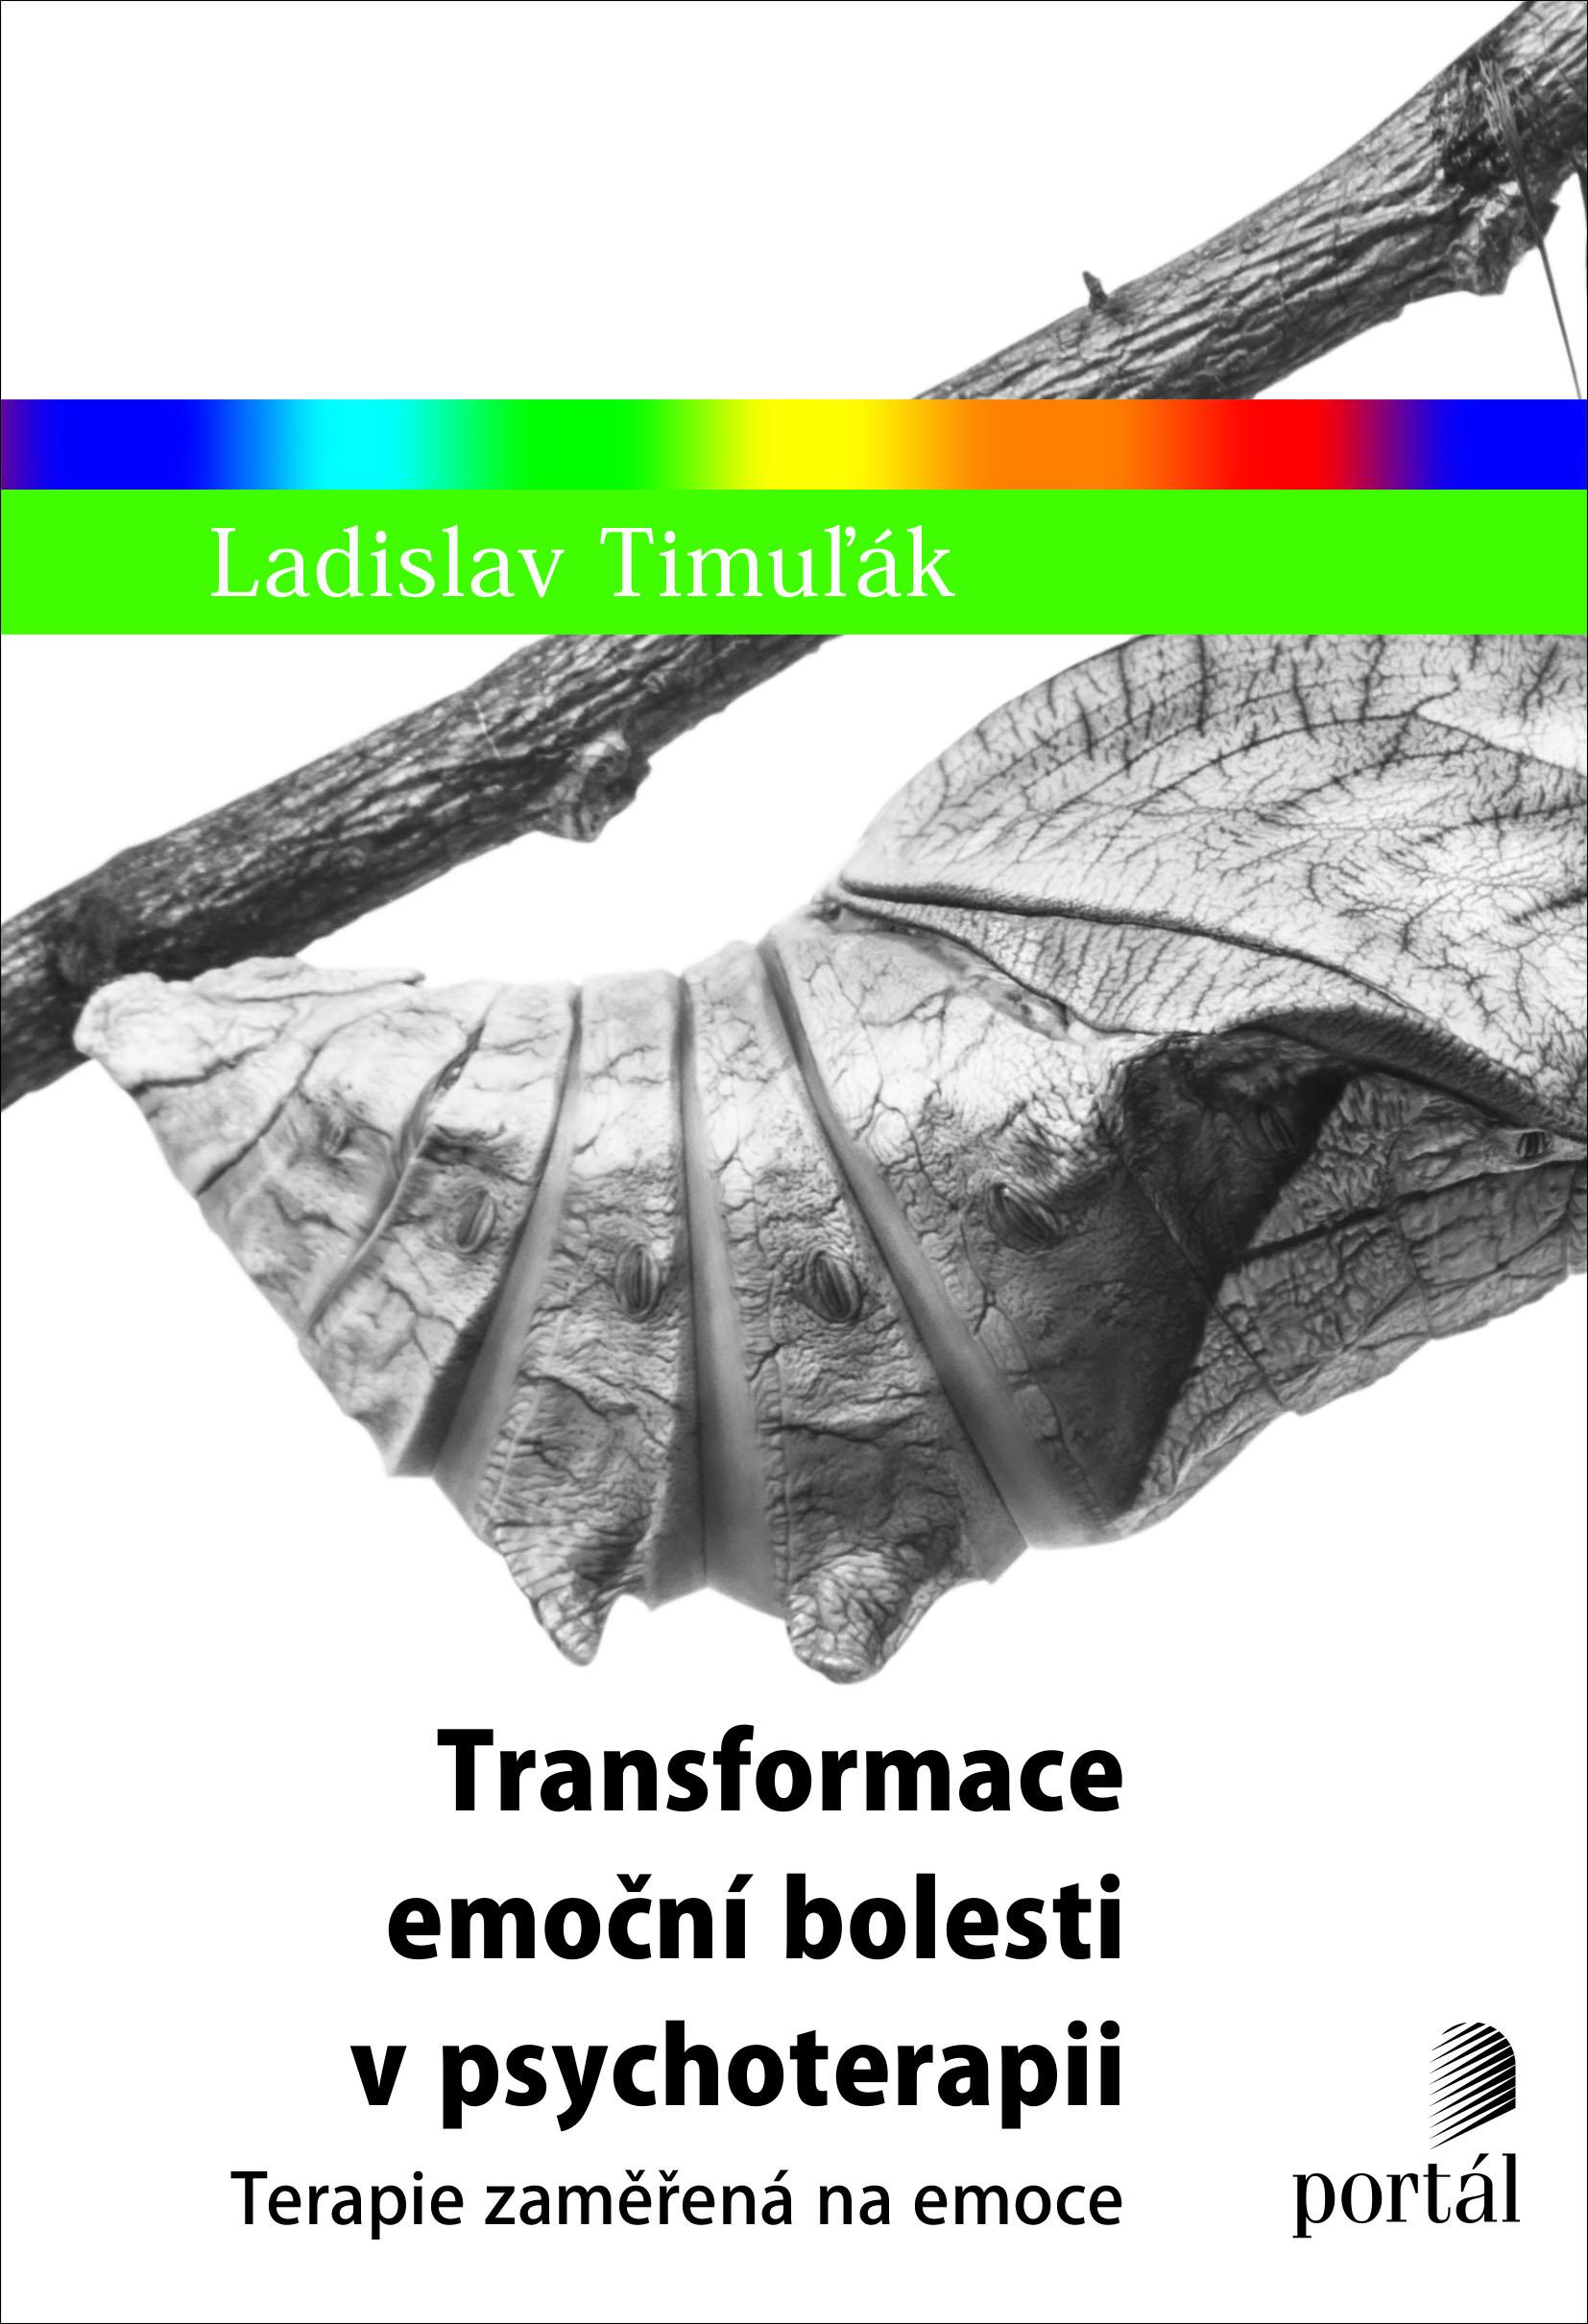 Transformace emoční bolesti vpsychoterapii: terapie zaměřená na emoce. Obálka knihy